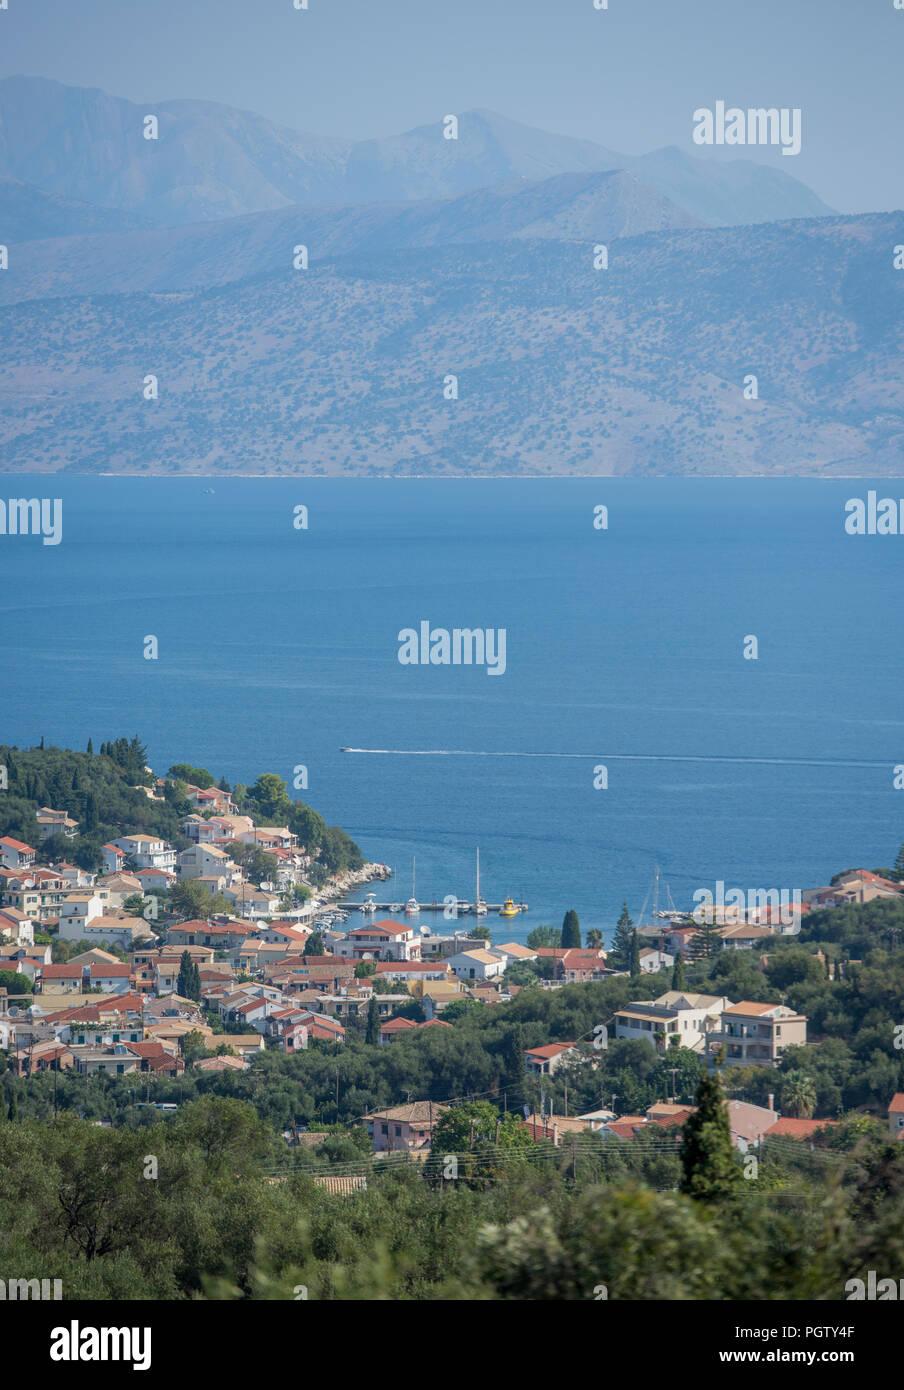 kassiopi, corfu, kerkyra, greece. - Stock Image